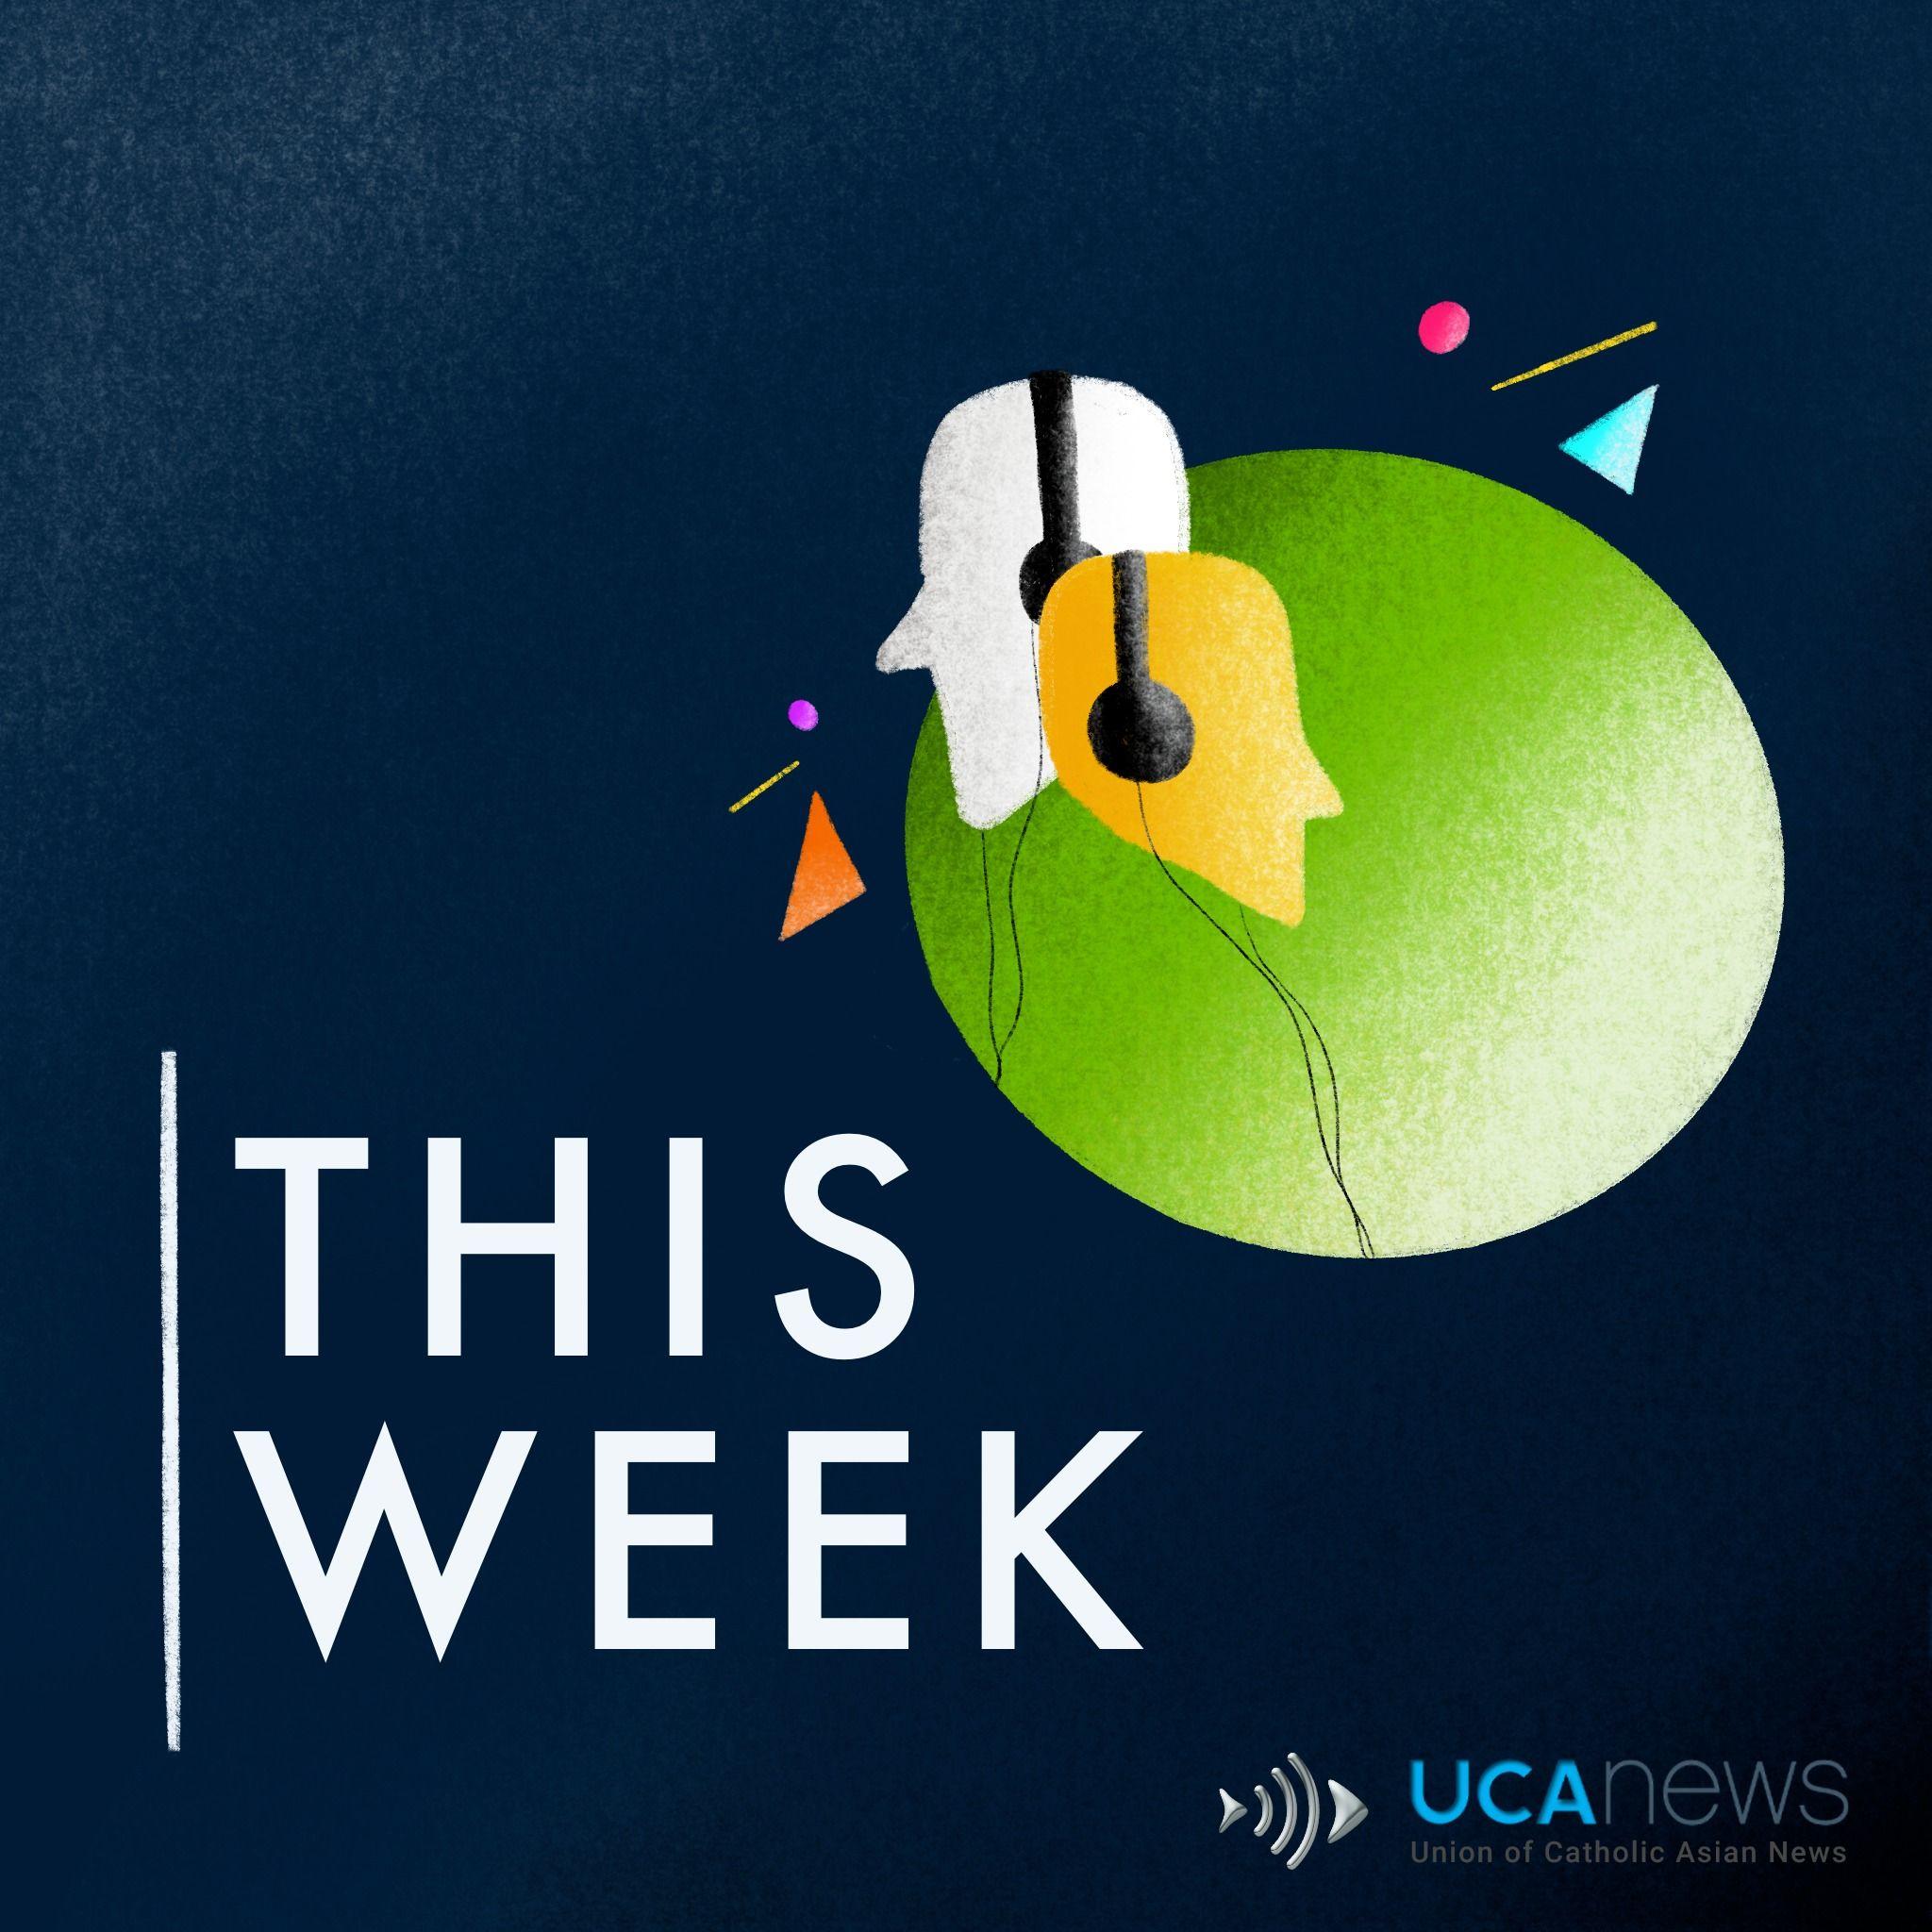 UCA News Weekly Summary, October 8, 2021